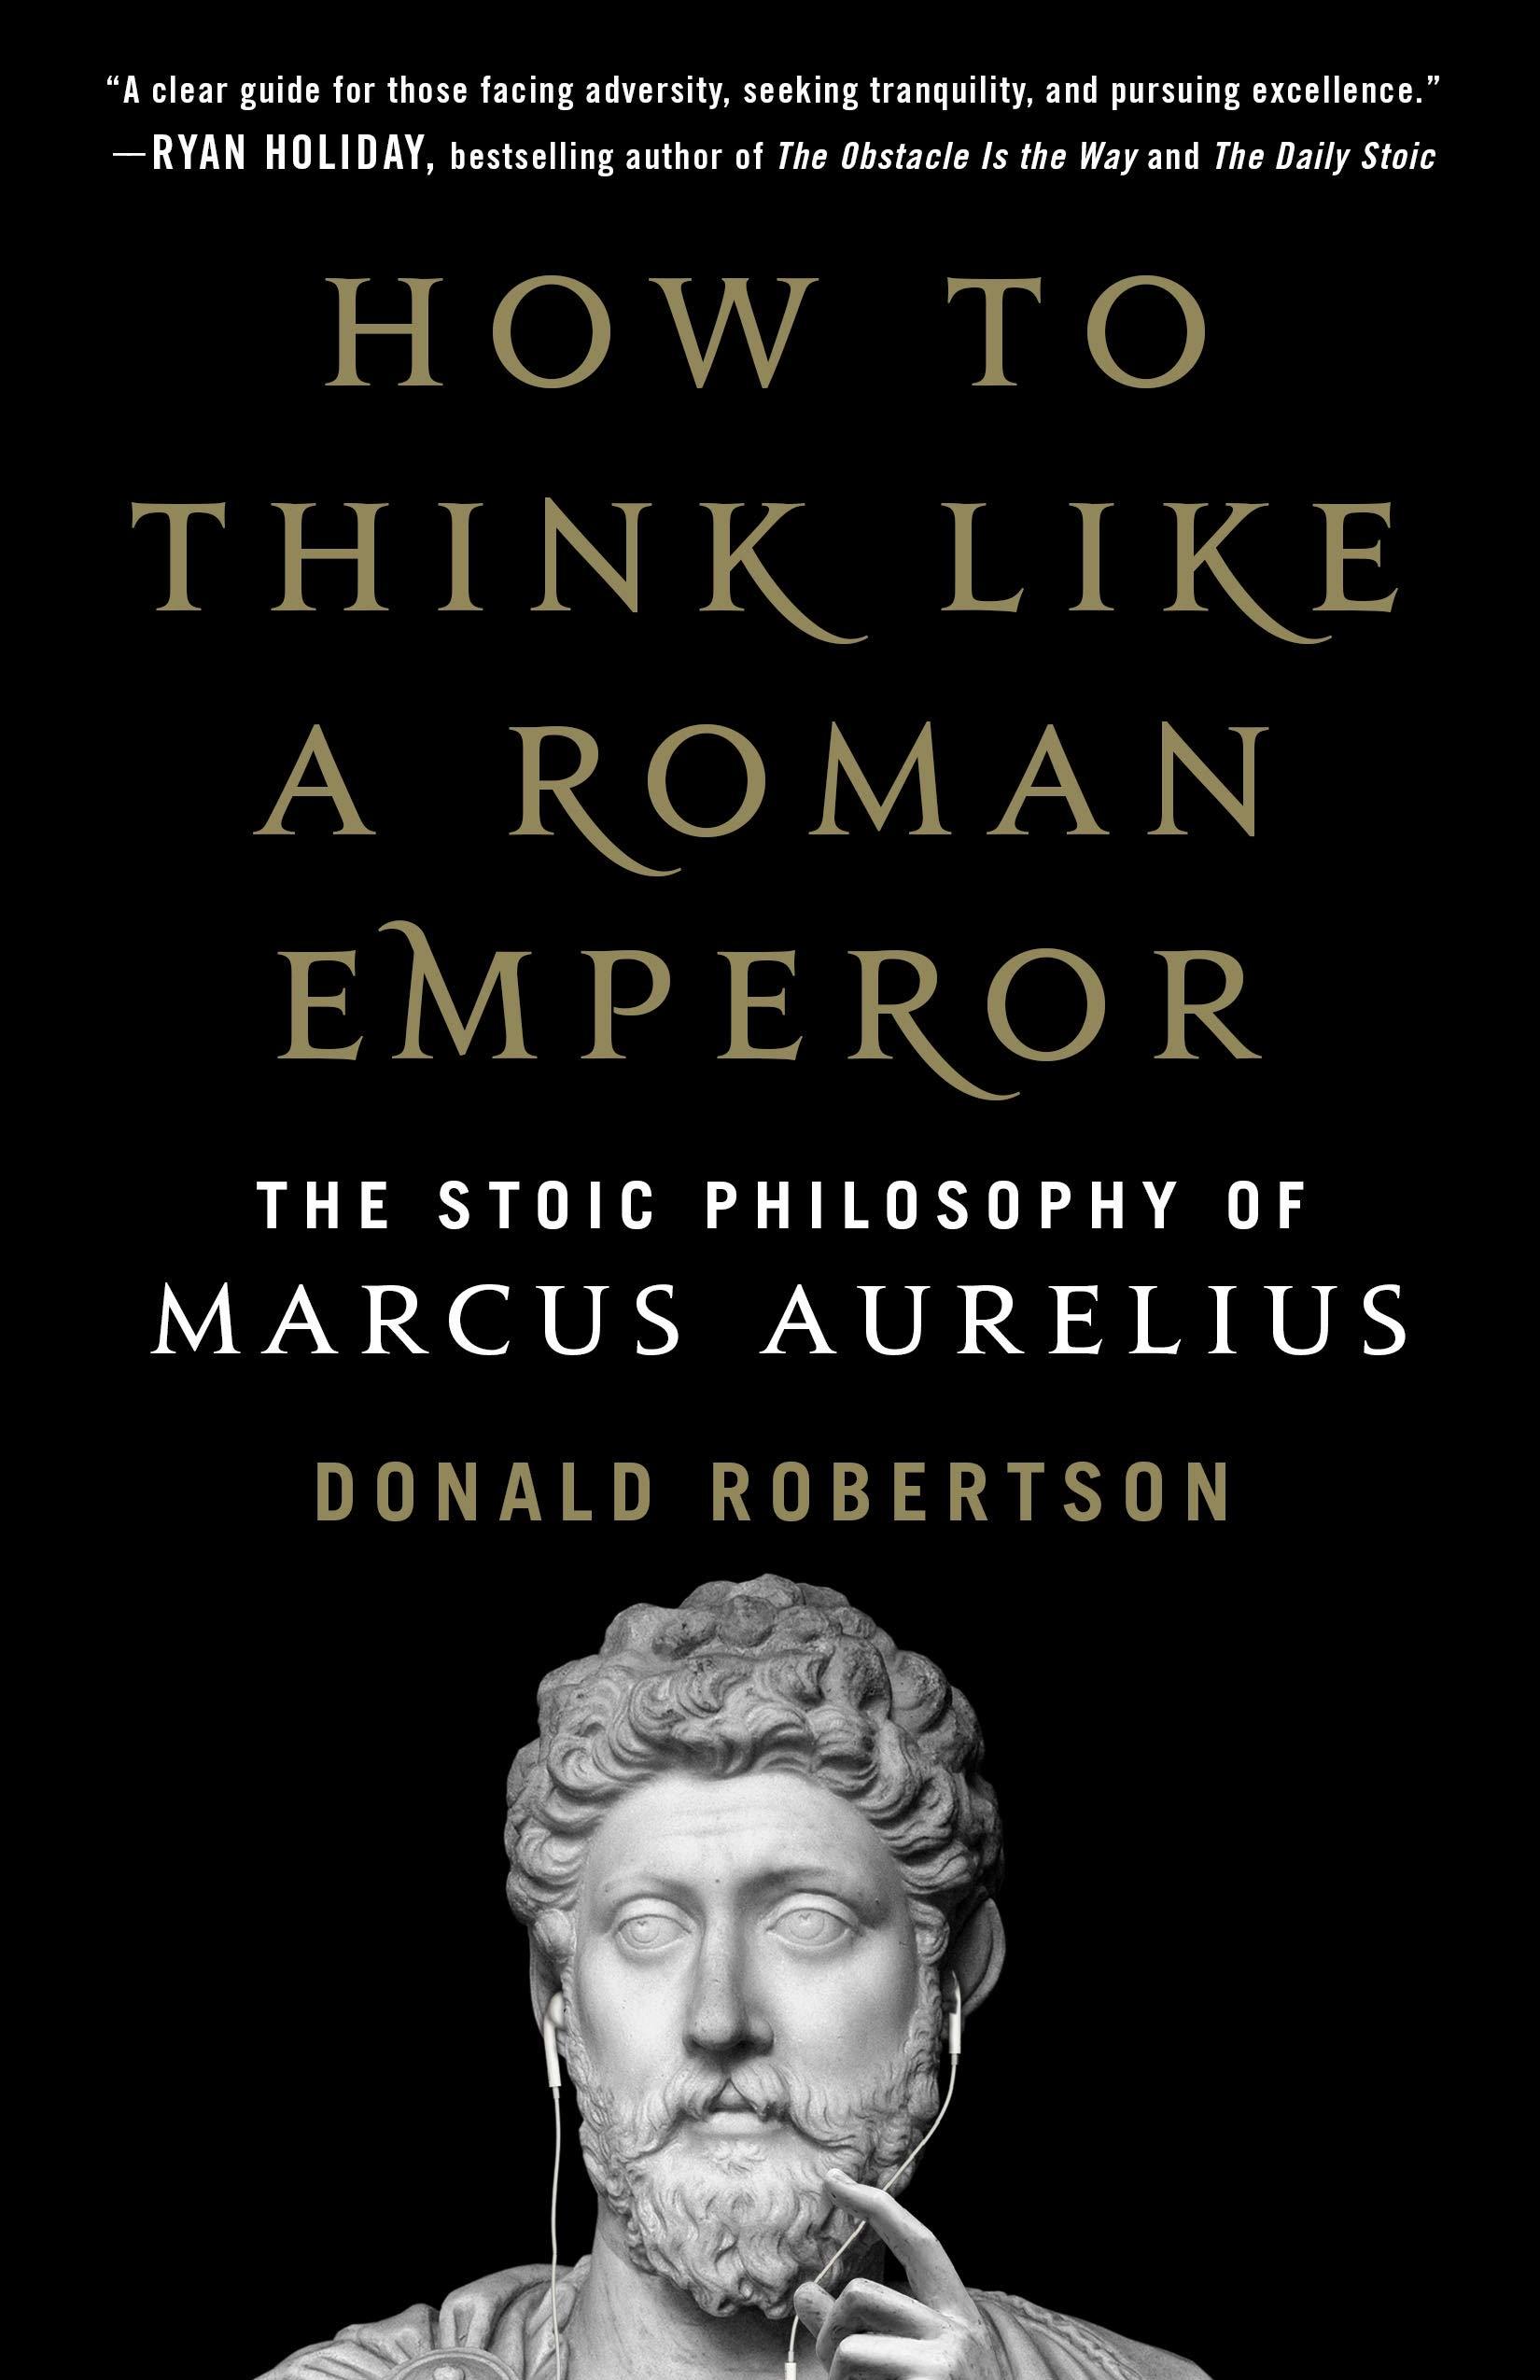 Donald Robertson: Miként gondolkozz úgy, akár egy római császár